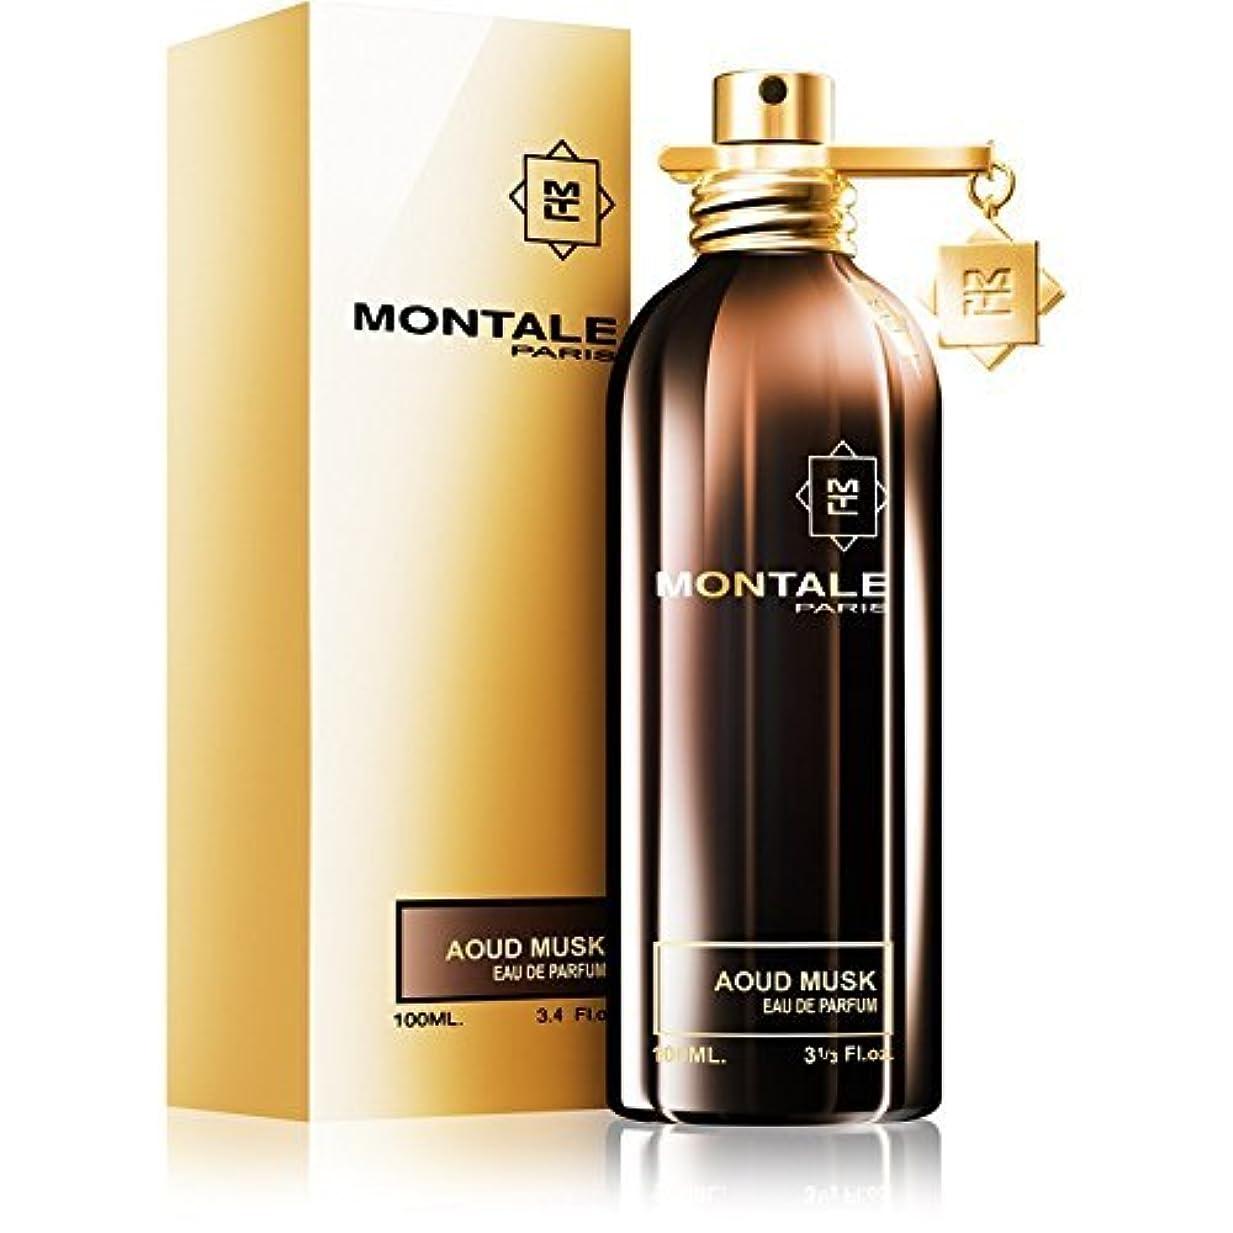 瀬戸際レタスのぞき見MONTALE AOUD MUSK Eau de Perfume 100ml Made in France 100% 本物のモンターレ アラブ ムスク香水 100 ml フランス製 +2サンプル無料! + 30 mlスキンケア無料!